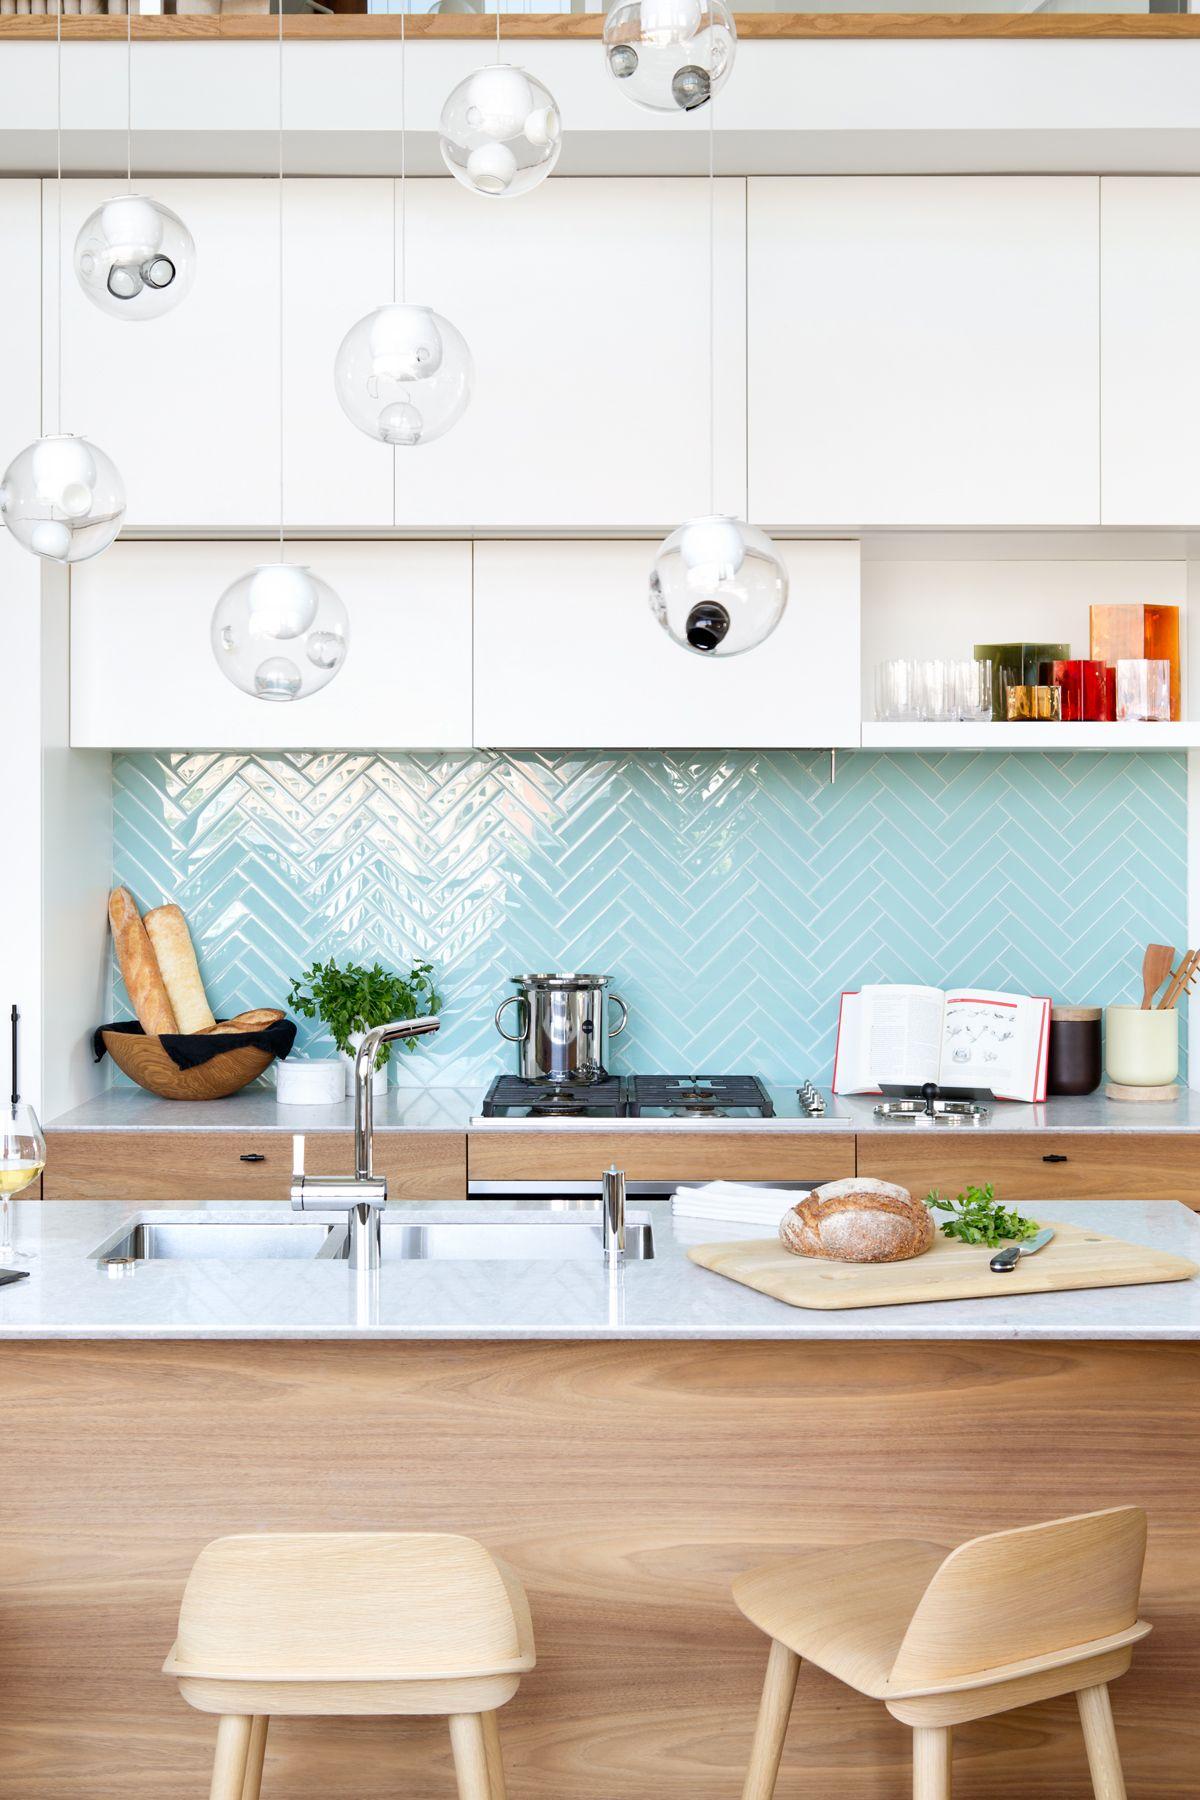 azulejo metro de colores La versatilidad del azulejo